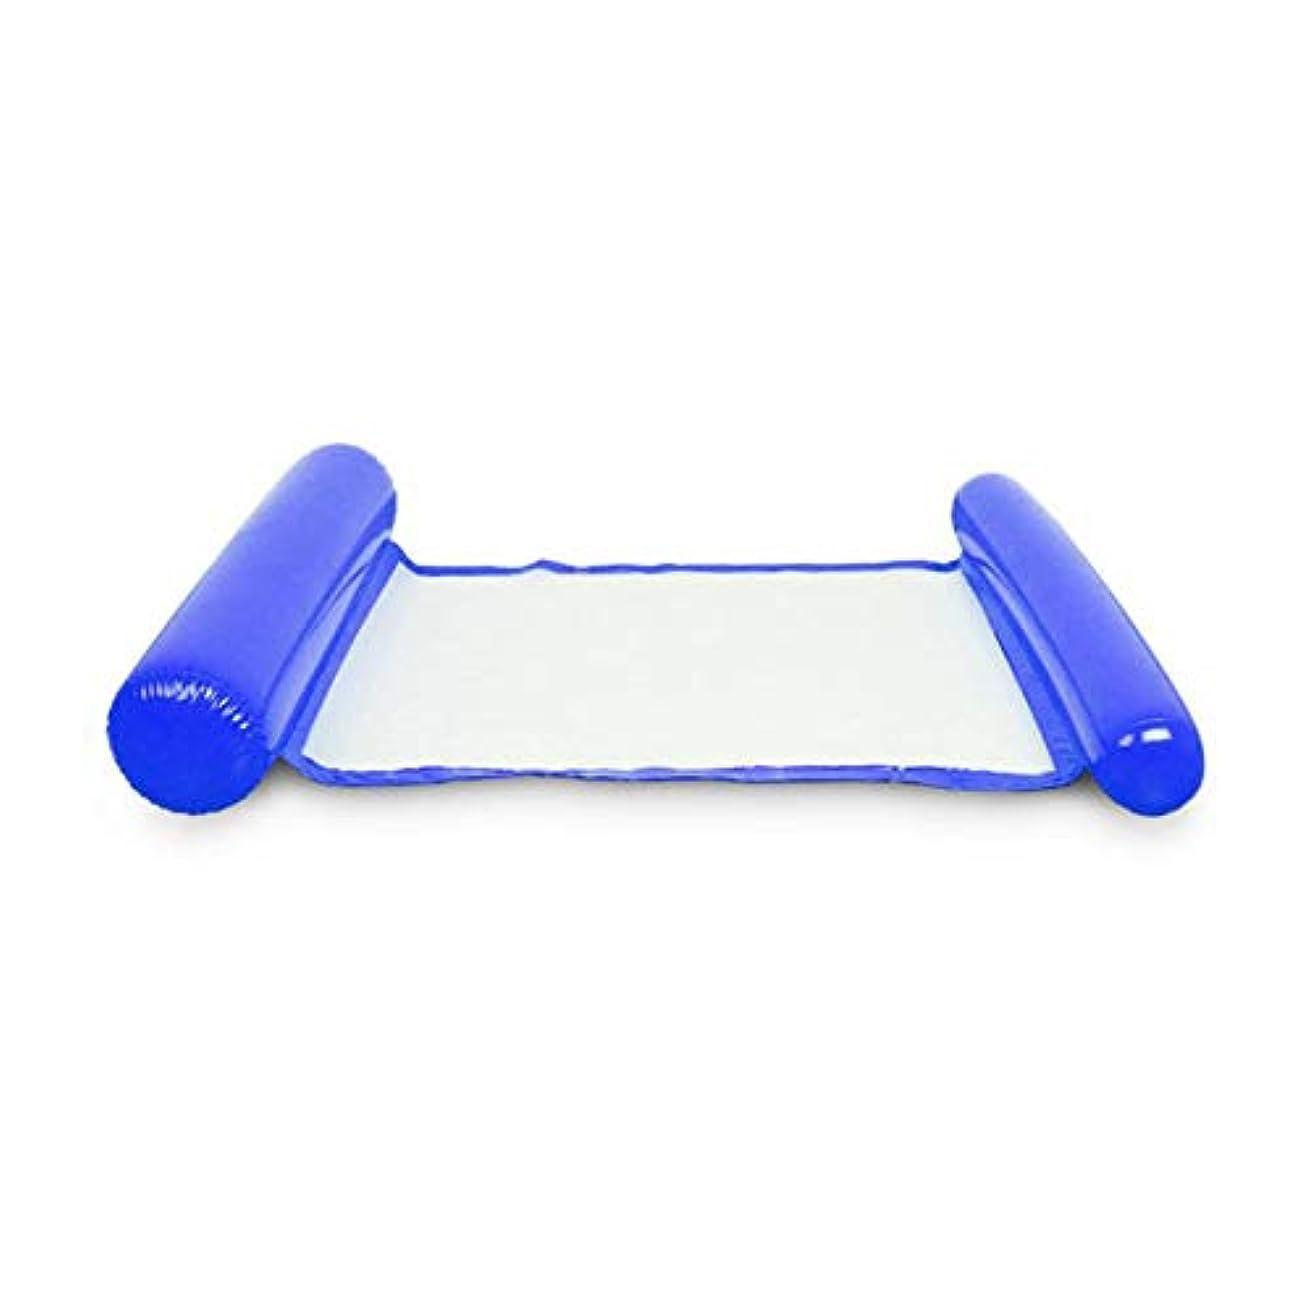 赤外線にはまって掃除水泳パーティーのおもちゃに適したヘッドレスト付きのプールインフレータブルfloaties水インフレータブルラウンジチェア